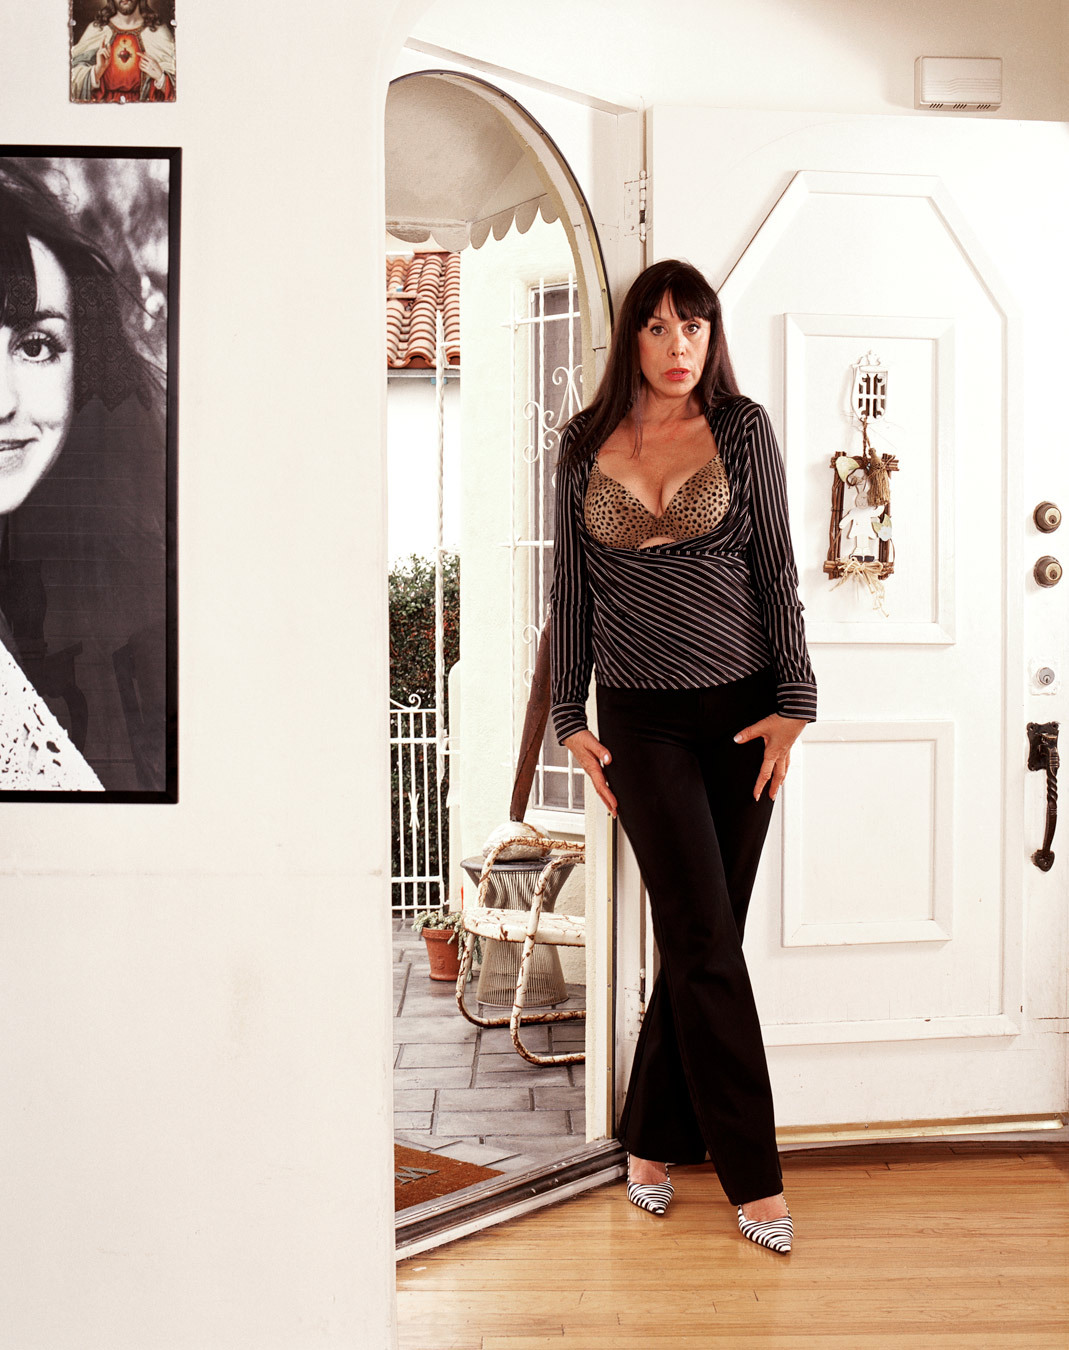 Девушки Playboy Bunnies 50 лет спустя в фотосессии Робина Туоми